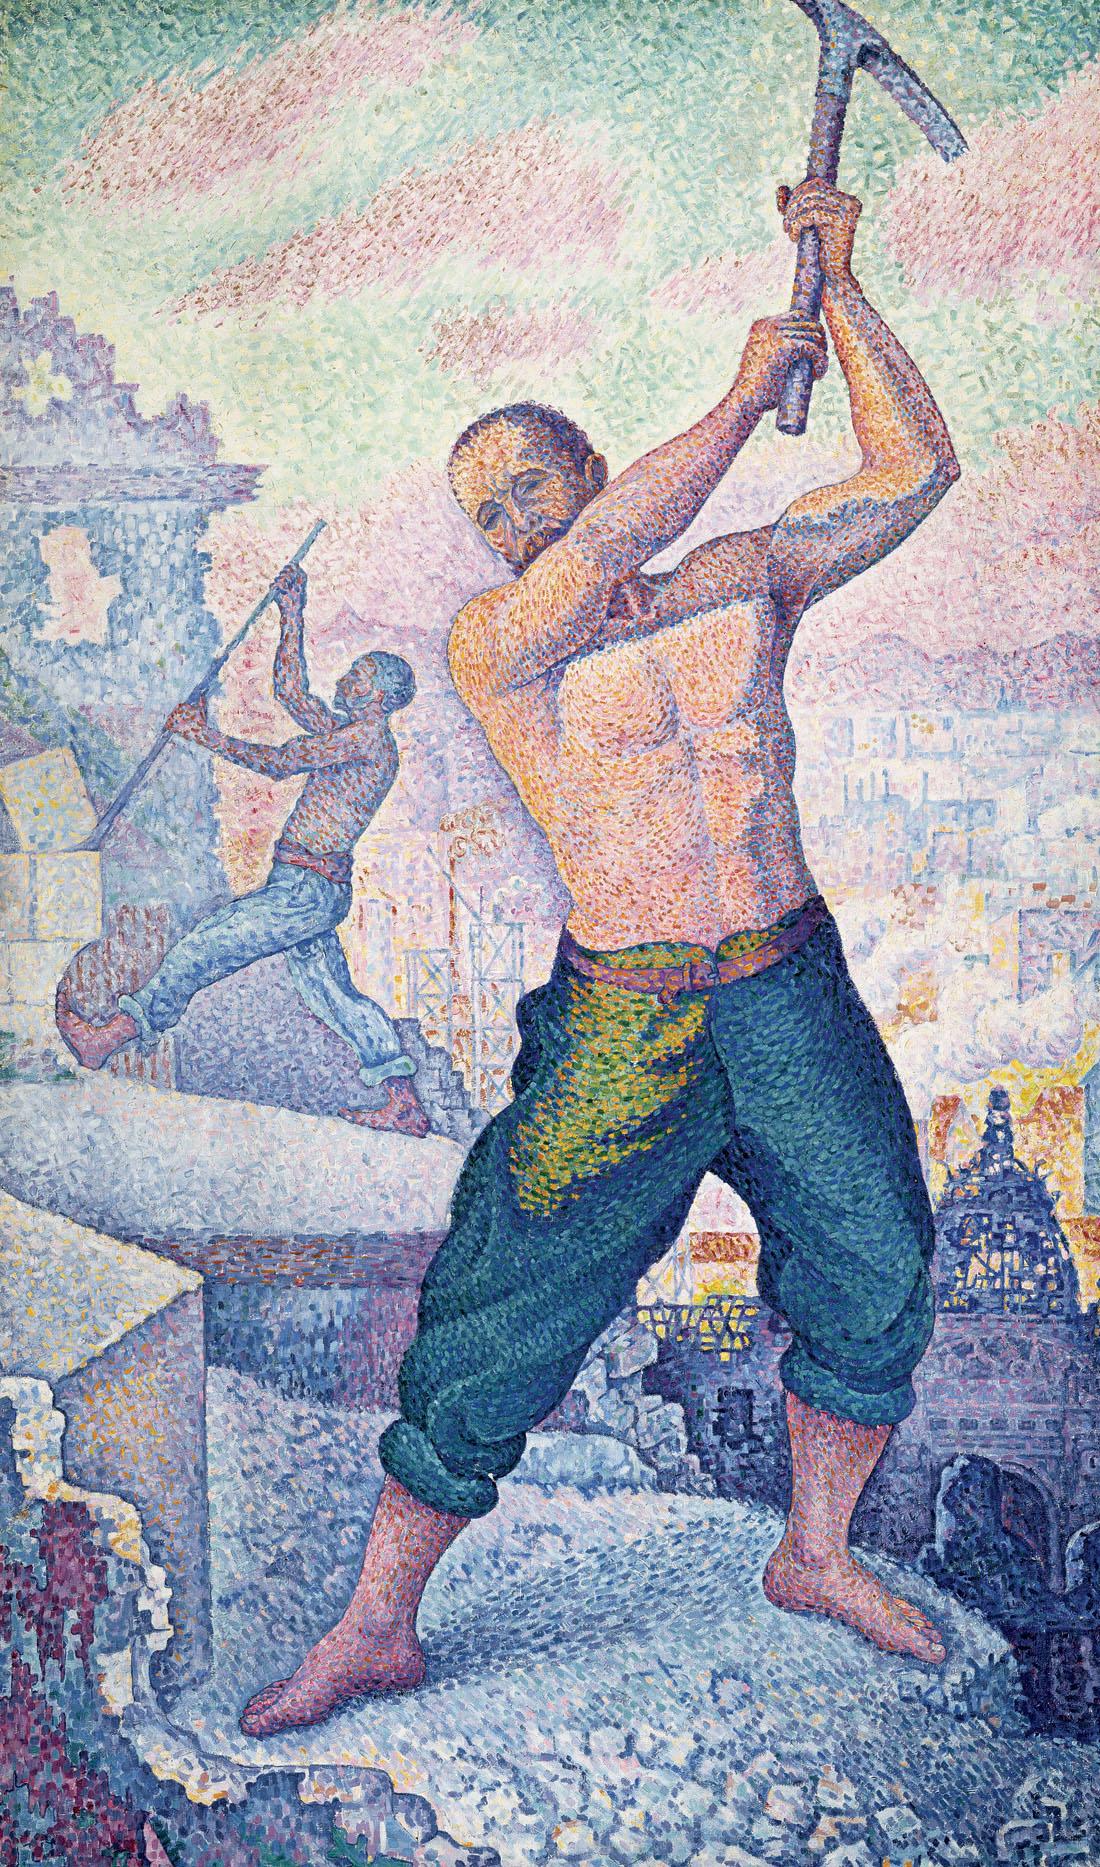 The Demolition Worker, by Paul Signac, c. 1897. Musée des Beaux-Arts de Nancy, France.